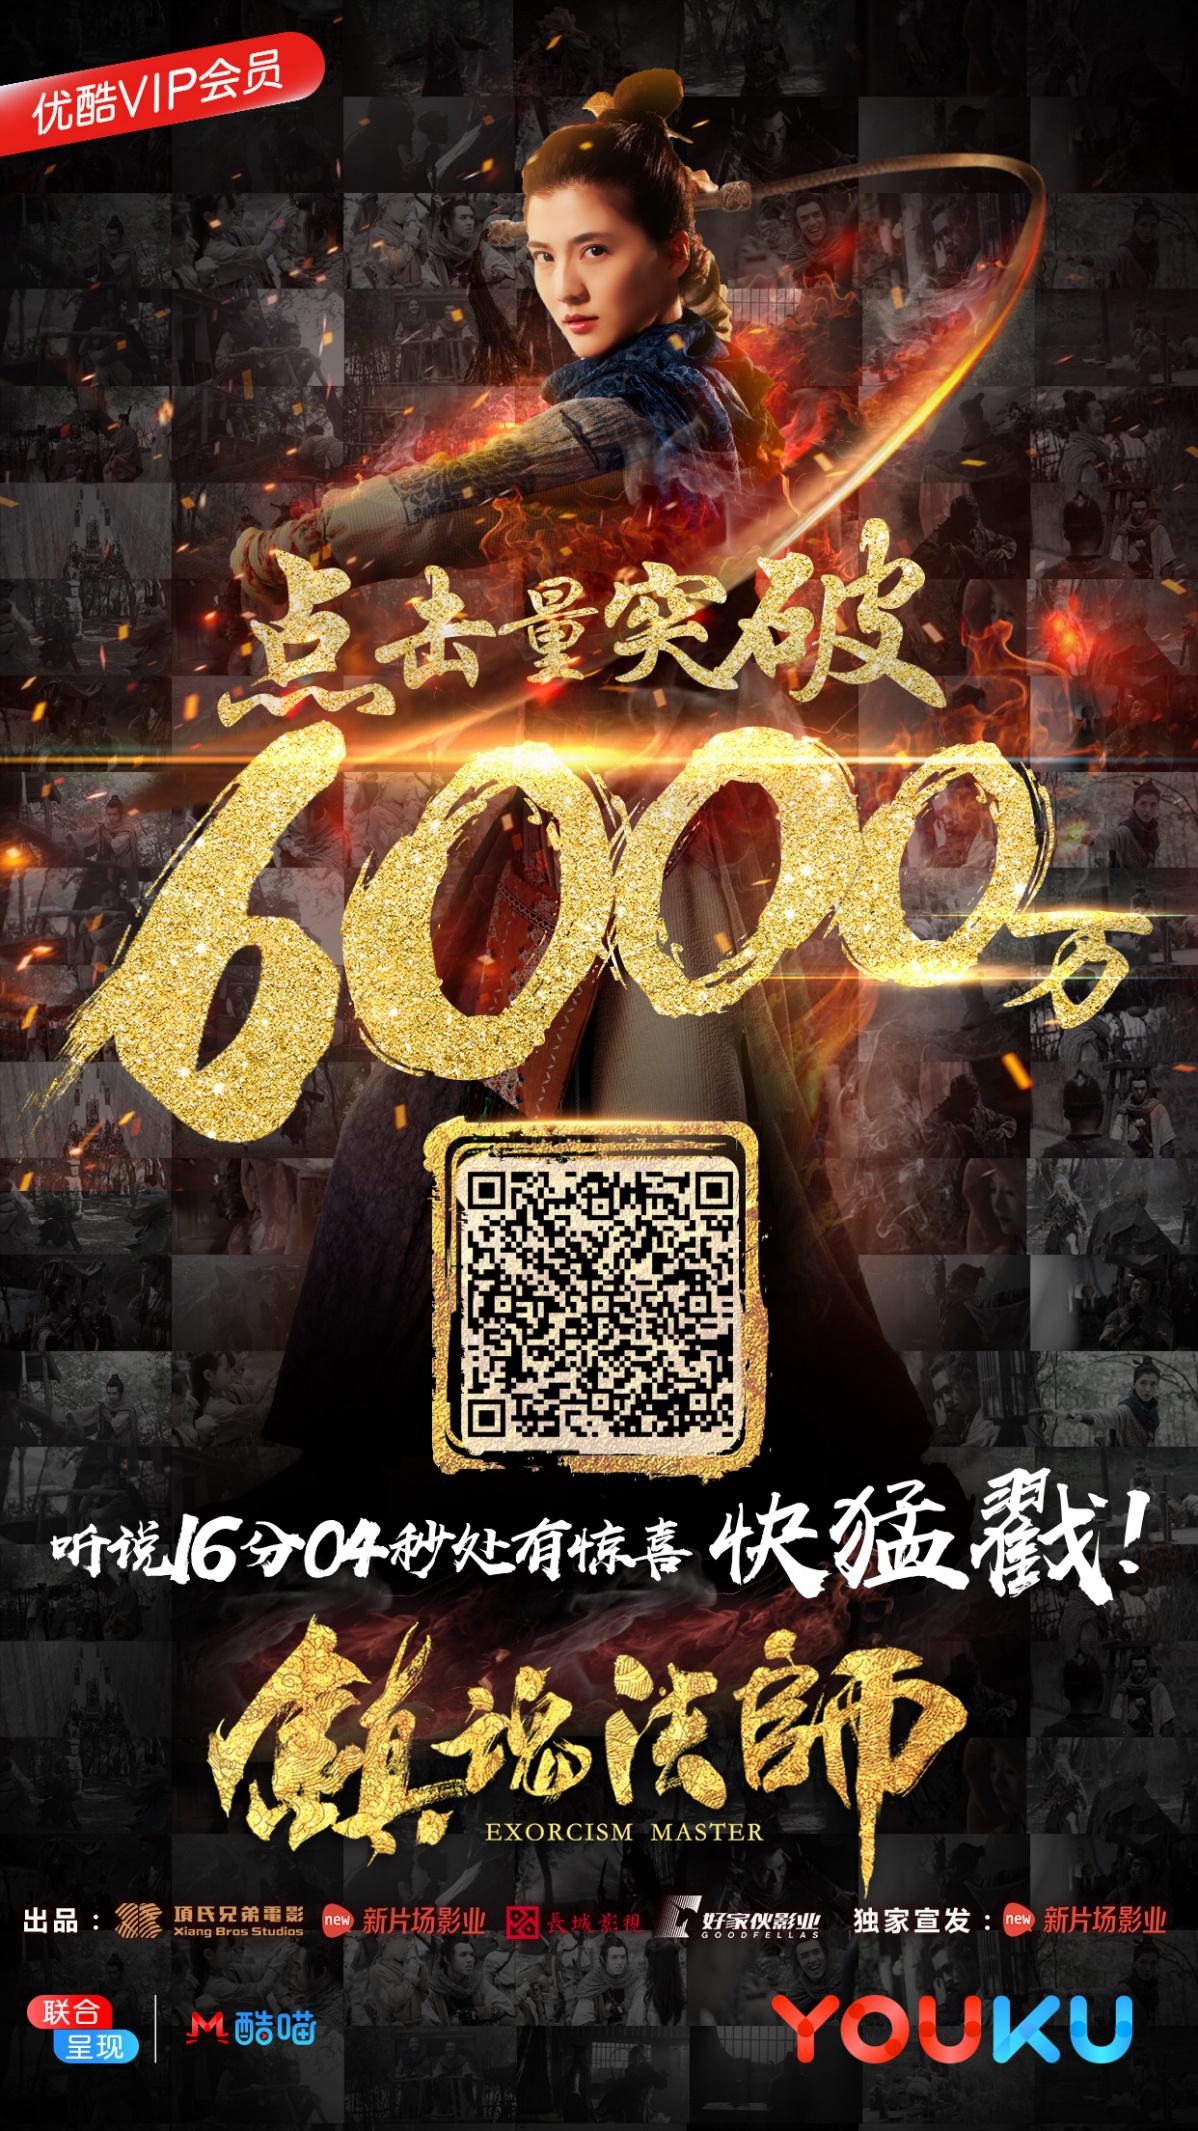 《镇魂法师》点击量突破6000万,同时票房破3000万